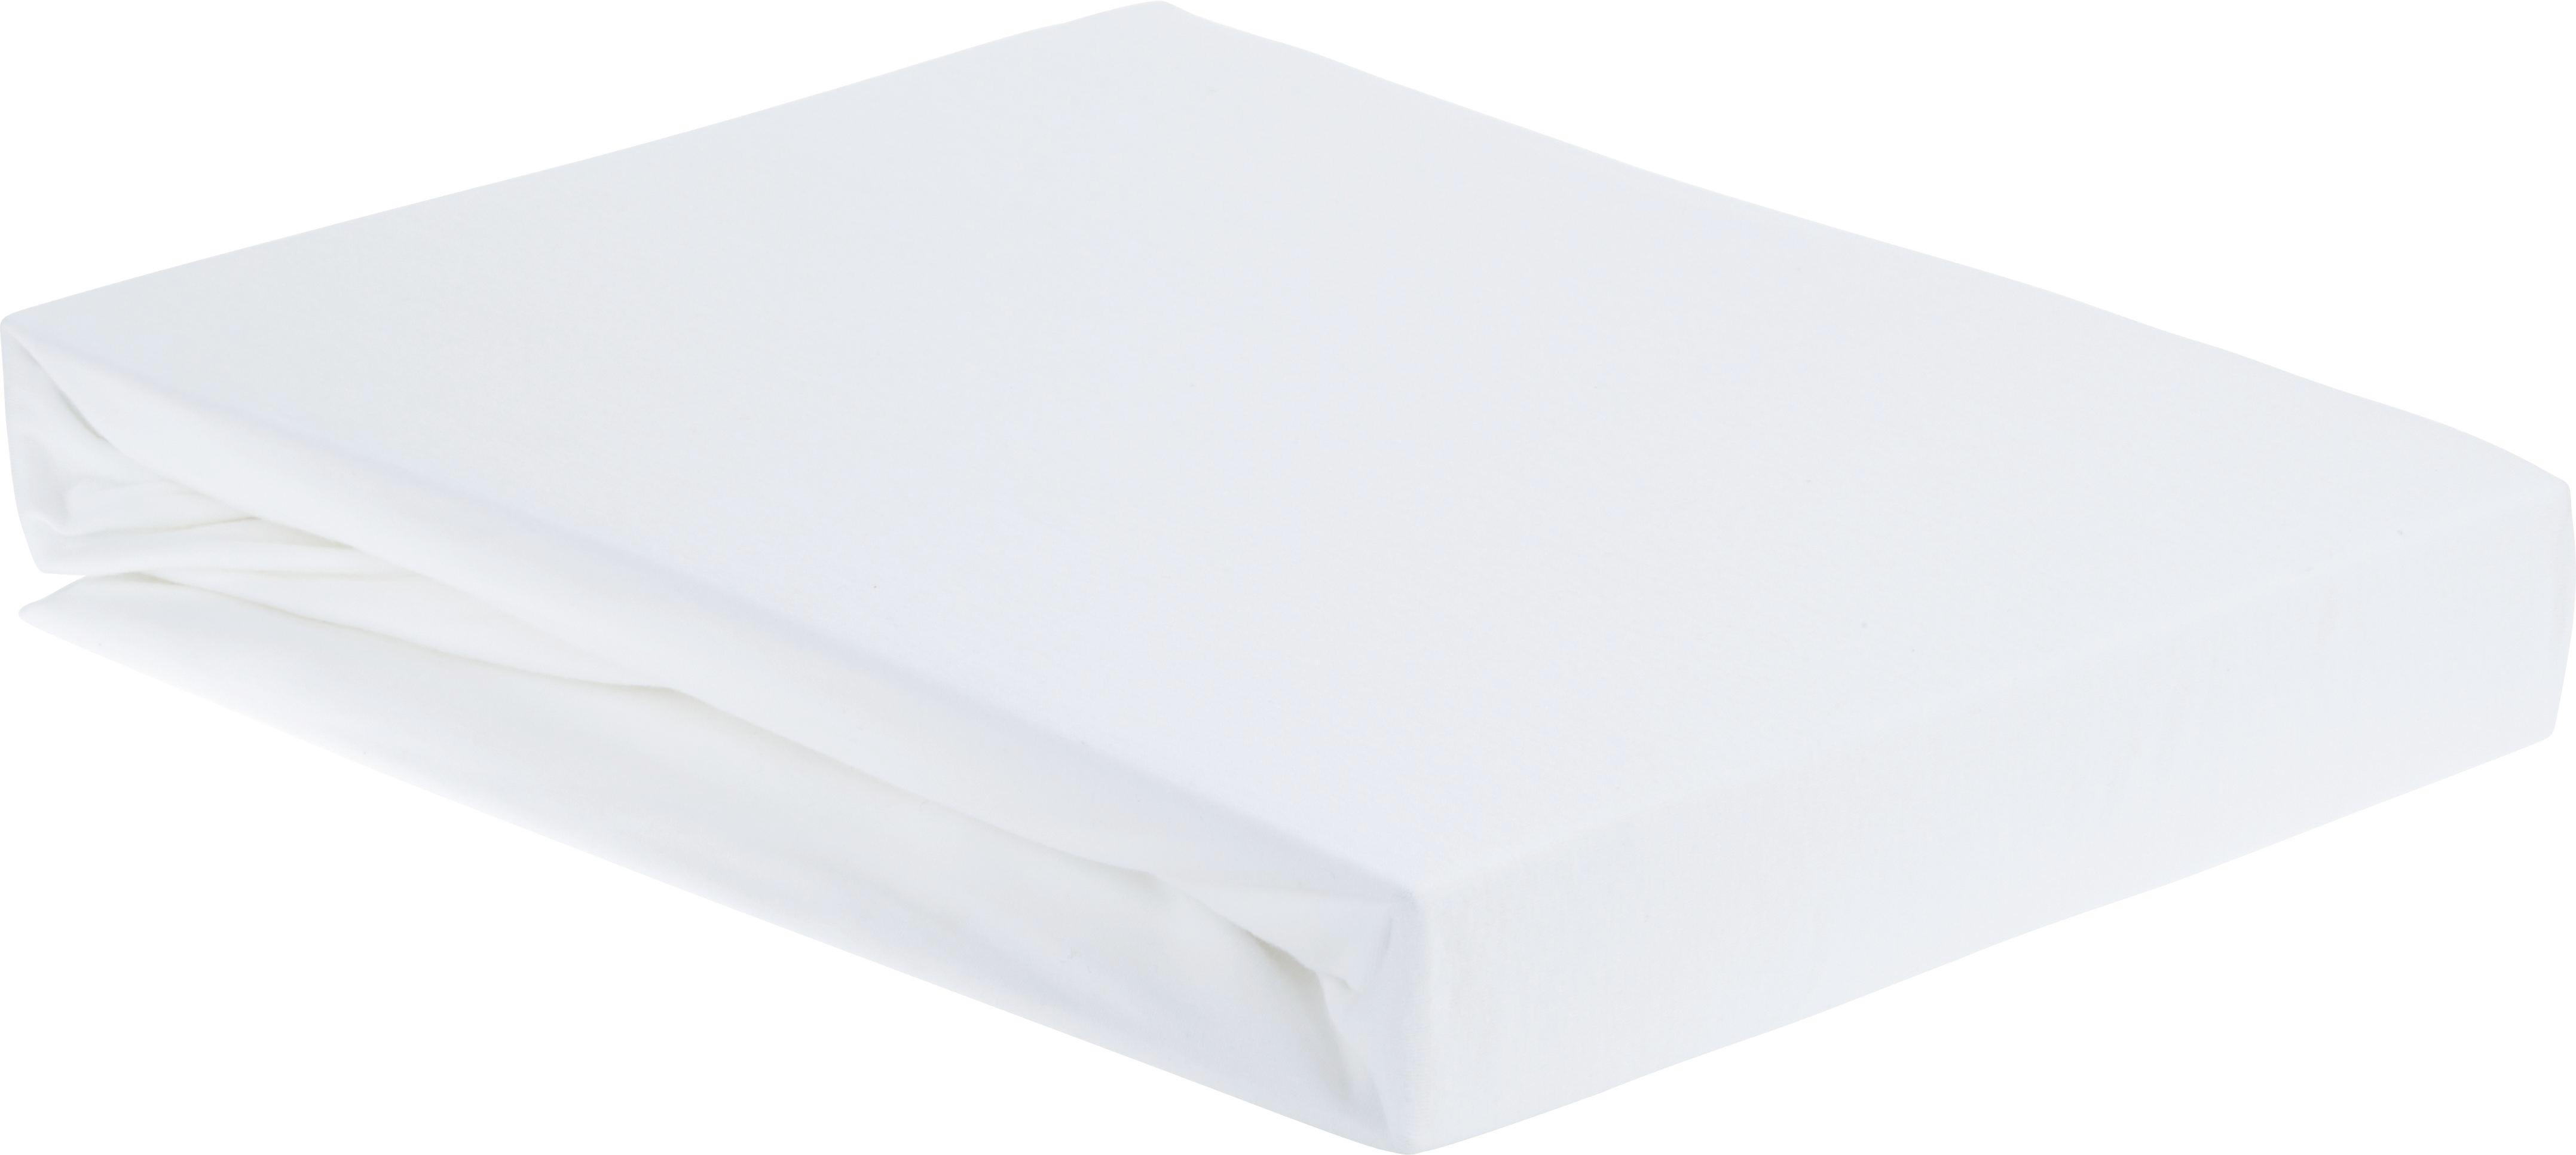 Spannbetttuch Elasthan Topper, ca. 180x200cm - Weiß, Textil (180/200/15cm) - PREMIUM LIVING